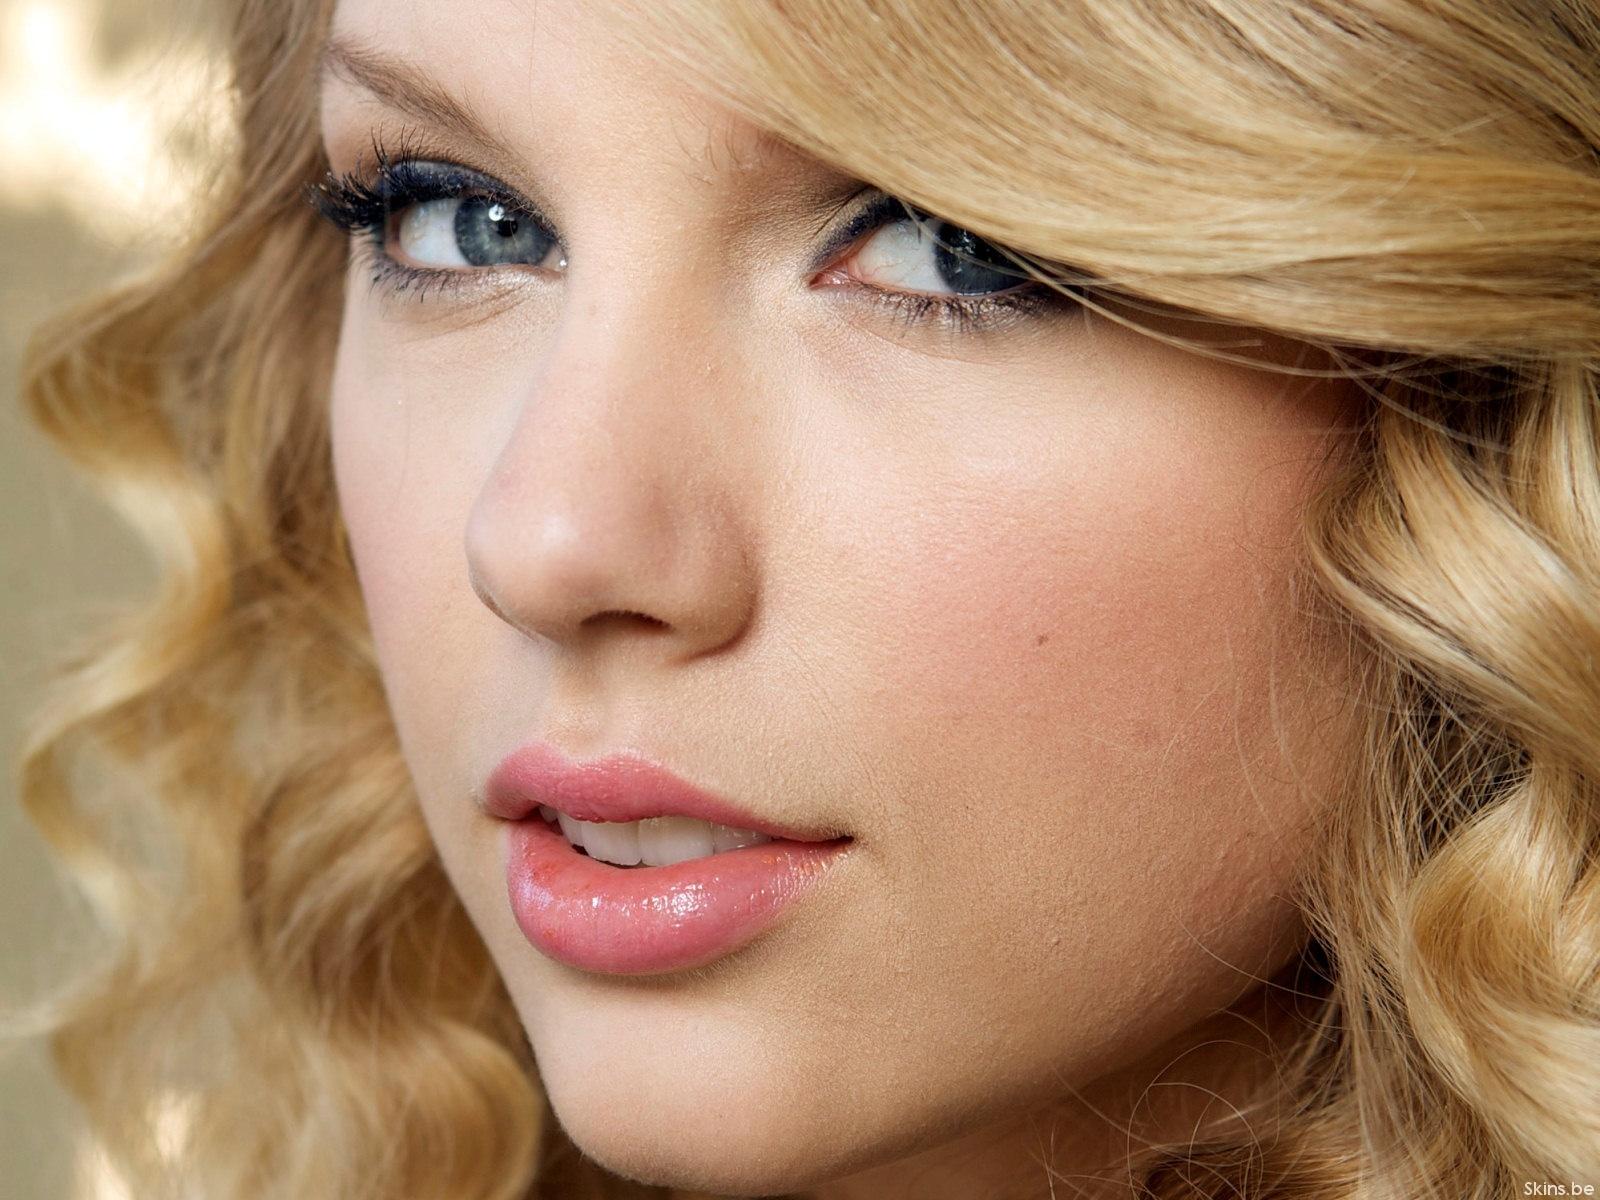 taylor swift - Taylor Swift Wallpaper (15913923) - Fanpop